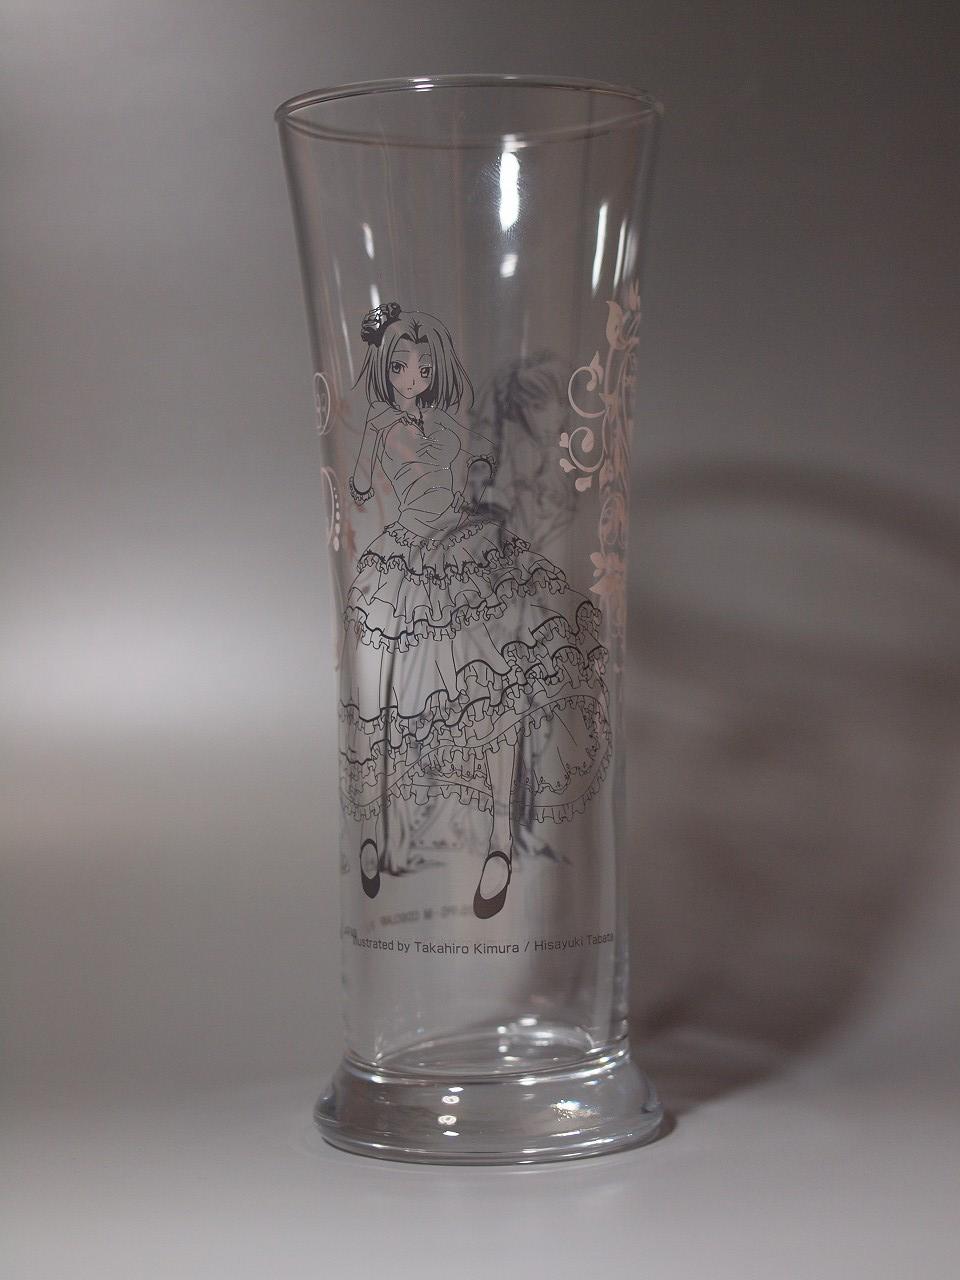 コードギアス 一番くじ プレミアムアートグラス C.C.&カレン カレン側